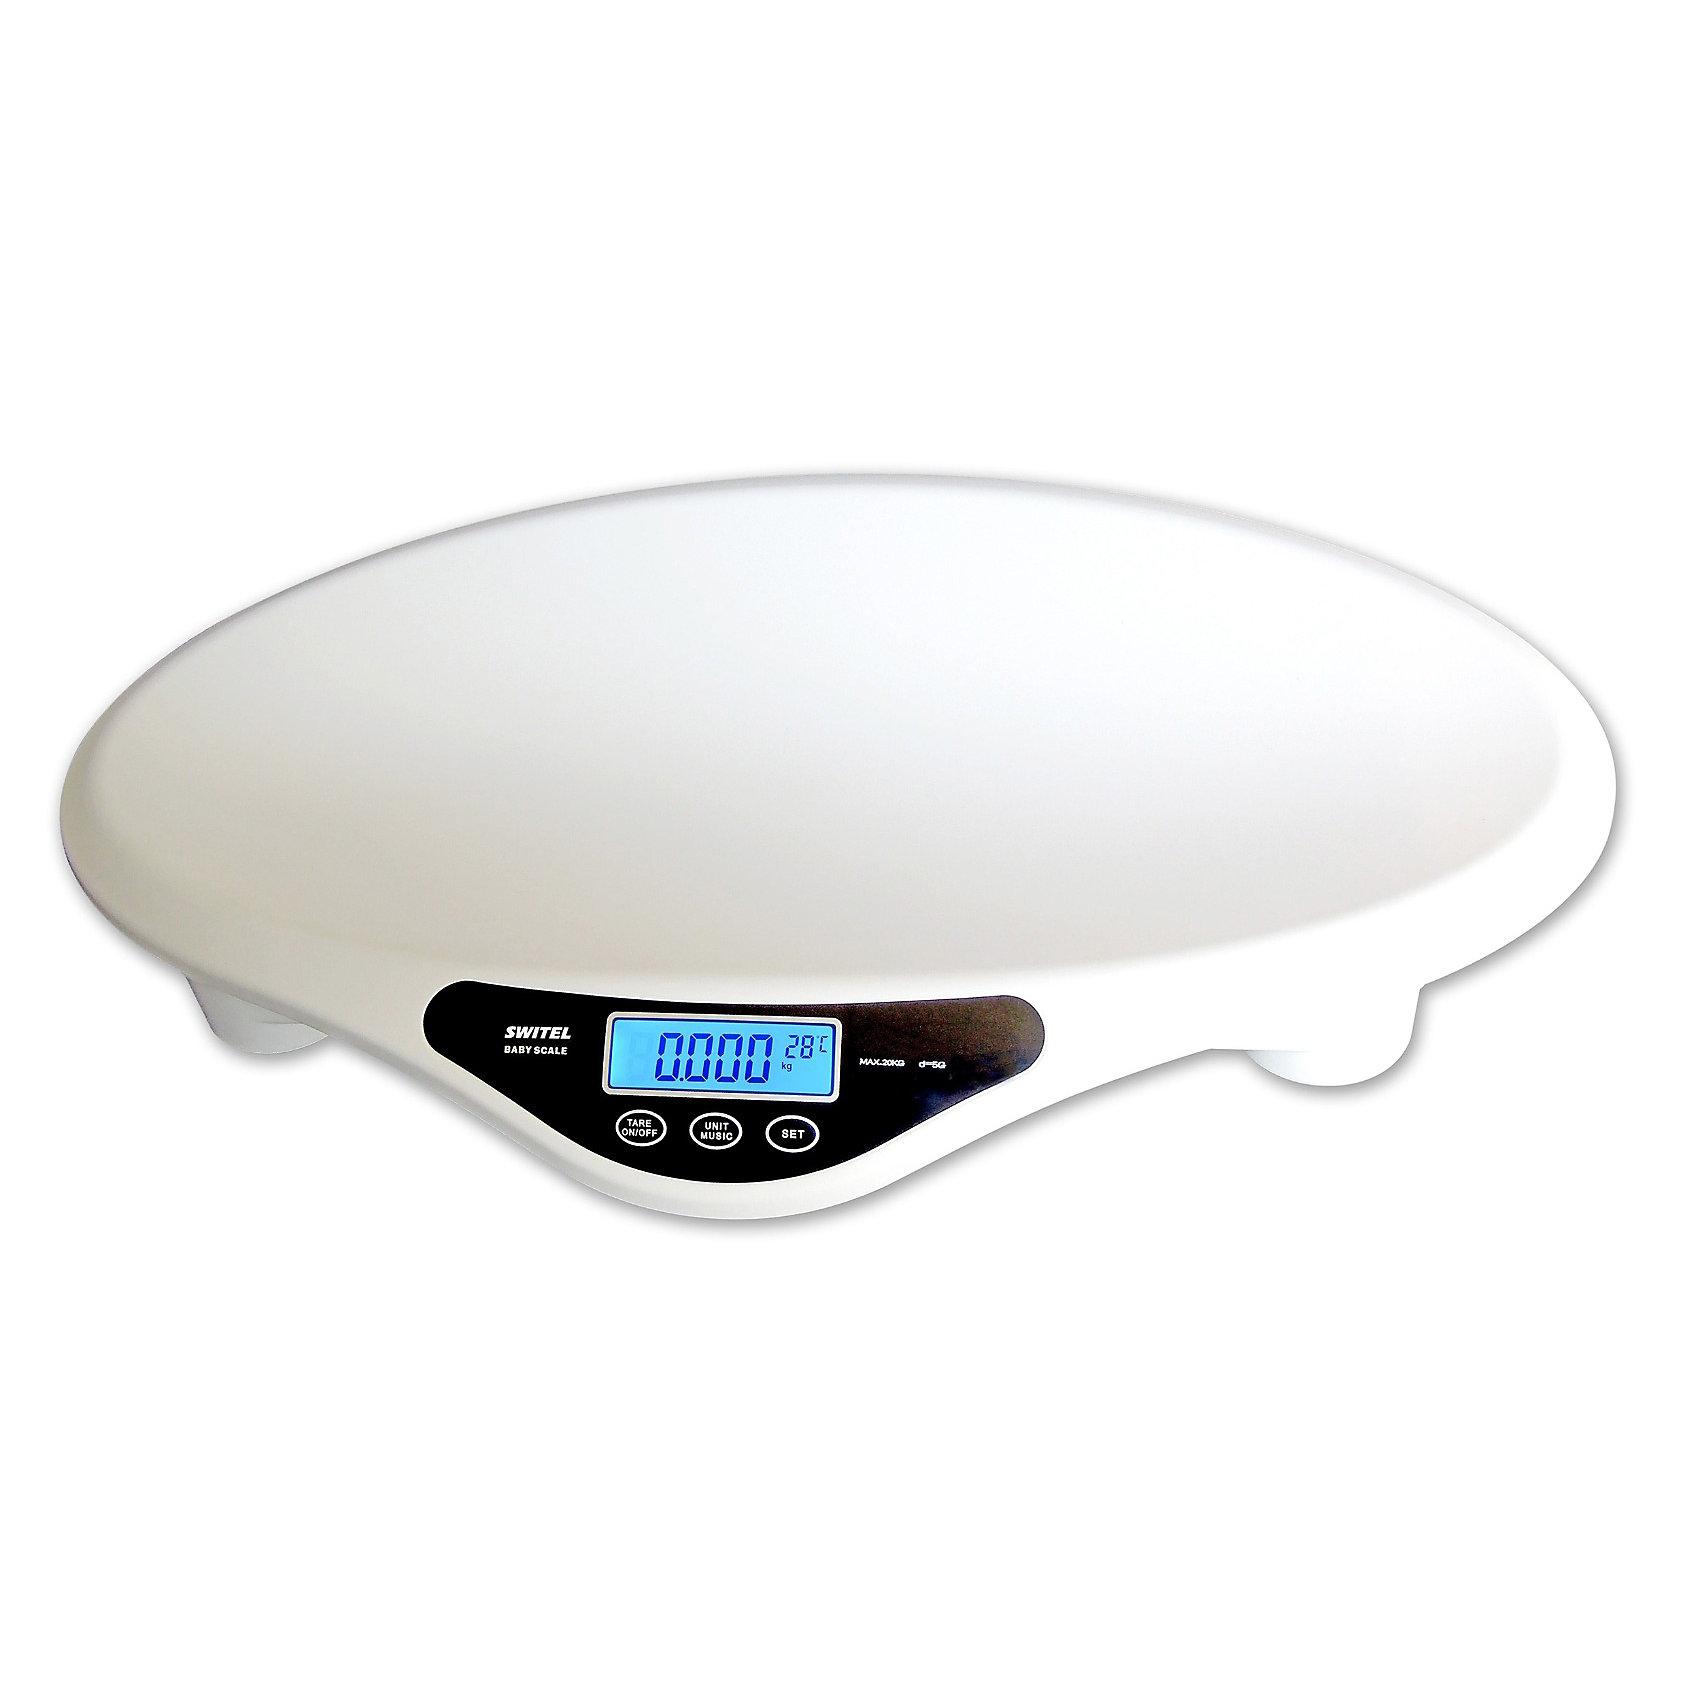 Детские электронные весы BH700, SwitelДетская бытовая техника<br>Весы для новорожденных BH700 от Switel помогут родителям в контроле за весом своего малыша.<br><br>Для того, чтобы отвлечь малыша от процесса взвешивания весы могут проигрывать 35 мелодий. Также имеется функция тара для взвешивания ребенка без пеленки для определения максимально точного веса.<br><br>Кроме того, весы позволяют еще и производить замеры роста ребенка при помощи входящей в набор ленты длиной 150 см, которая хранится в корпусе весов. Функция памяти позволяет просмотреть историю измерений: последние 10 результатов взвешивания сохраняются в памяти устройства.<br>Весы имеют функцию автоотключения и несколько видов предупреждений: индикация неустойчивого положения; индикация низкого заряда батареи, индикация перегрузки.<br><br>Дополнительная информация:<br><br>- Дисплей с подсветкой<br>- Измерение 0,1 кг до 20 кг с шагом 5 г<br>- Максимальный вес: 20 кг<br>- Индикация температуры<br>- Тара<br>- Питание: от 4-х батареек типа АА (не входят в комплект)<br>- История измерения до 10 записей<br>- Встроенный музыкальный плеер с 35 песнями<br>- Лента для измерения роста длиной 150 см<br>- Индикация низкого уровеня заряда<br>- Материал: пластик.<br>- Размер весов: 57 см х 37 см х 9 см.<br><br>Детские электронные весы BH700, Switel можно купить в нашем магазине.<br><br>Ширина мм: 700<br>Глубина мм: 462<br>Высота мм: 123<br>Вес г: 2574<br>Цвет: белый<br>Возраст от месяцев: 0<br>Возраст до месяцев: 36<br>Пол: Унисекс<br>Возраст: Детский<br>SKU: 3517841